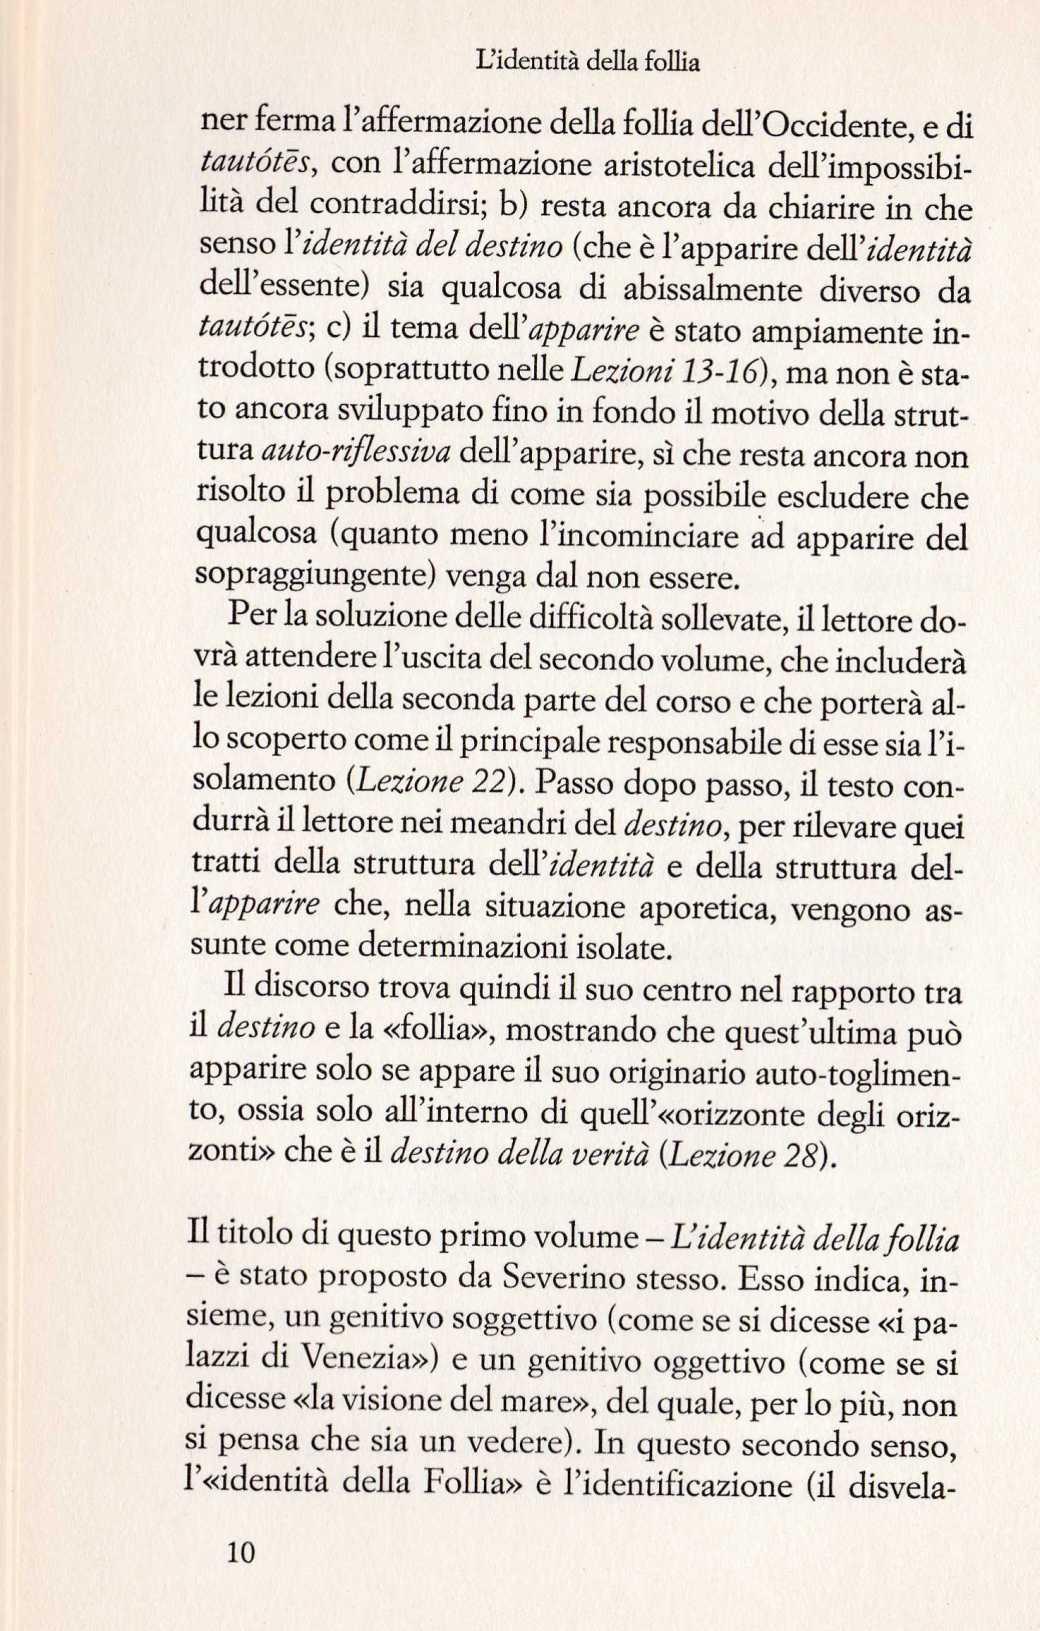 identitafollia4518